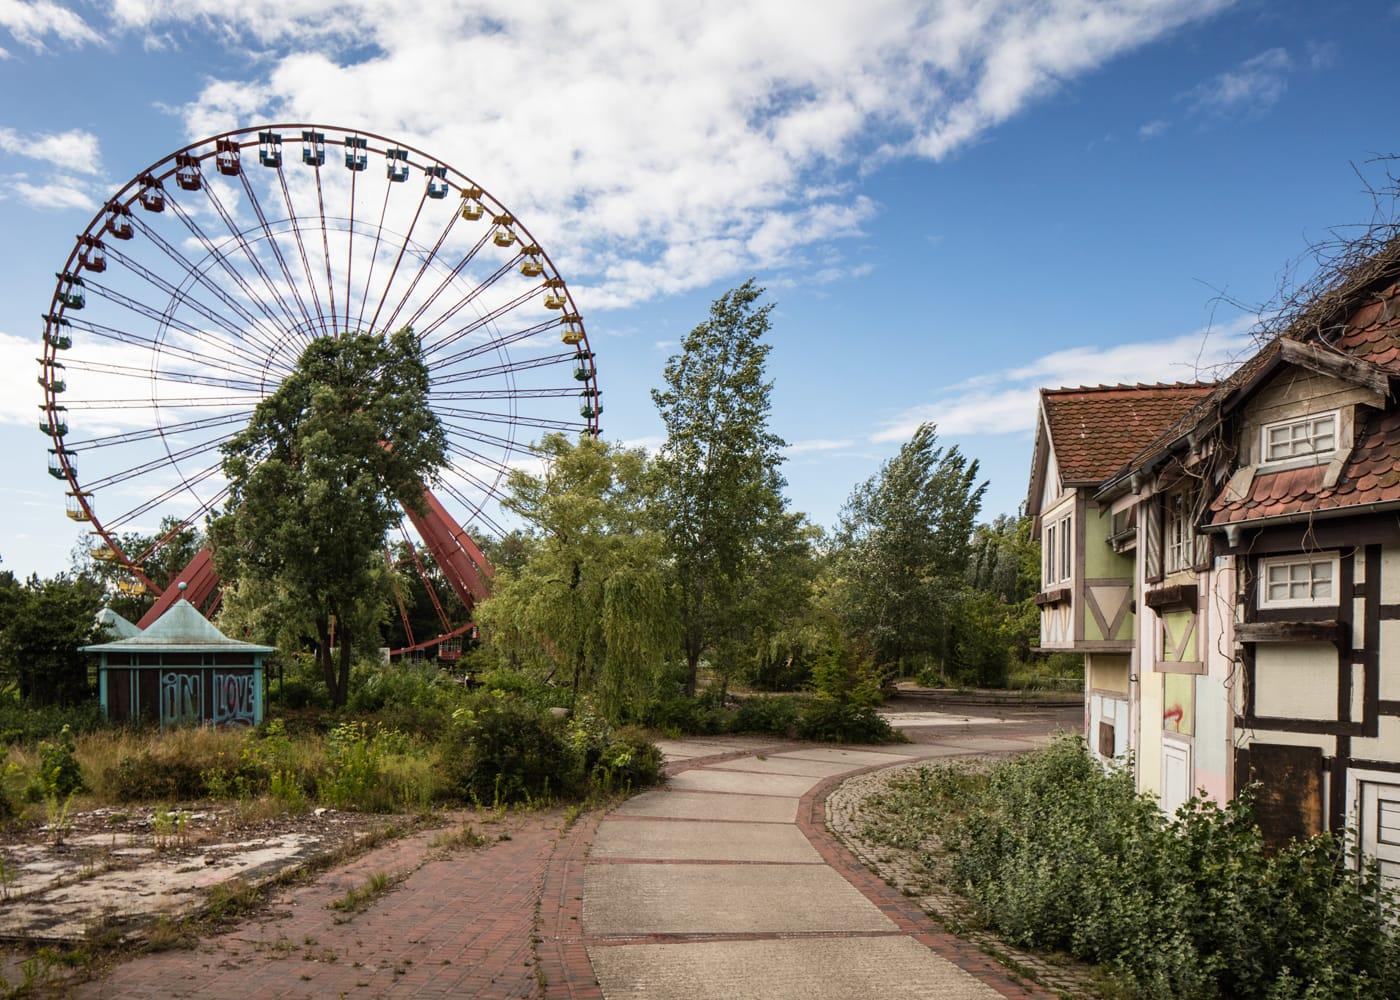 Sprrepark Berlin: Geführte Touren durch das verfallene Vergüngungsparkgelände // HIMBEER